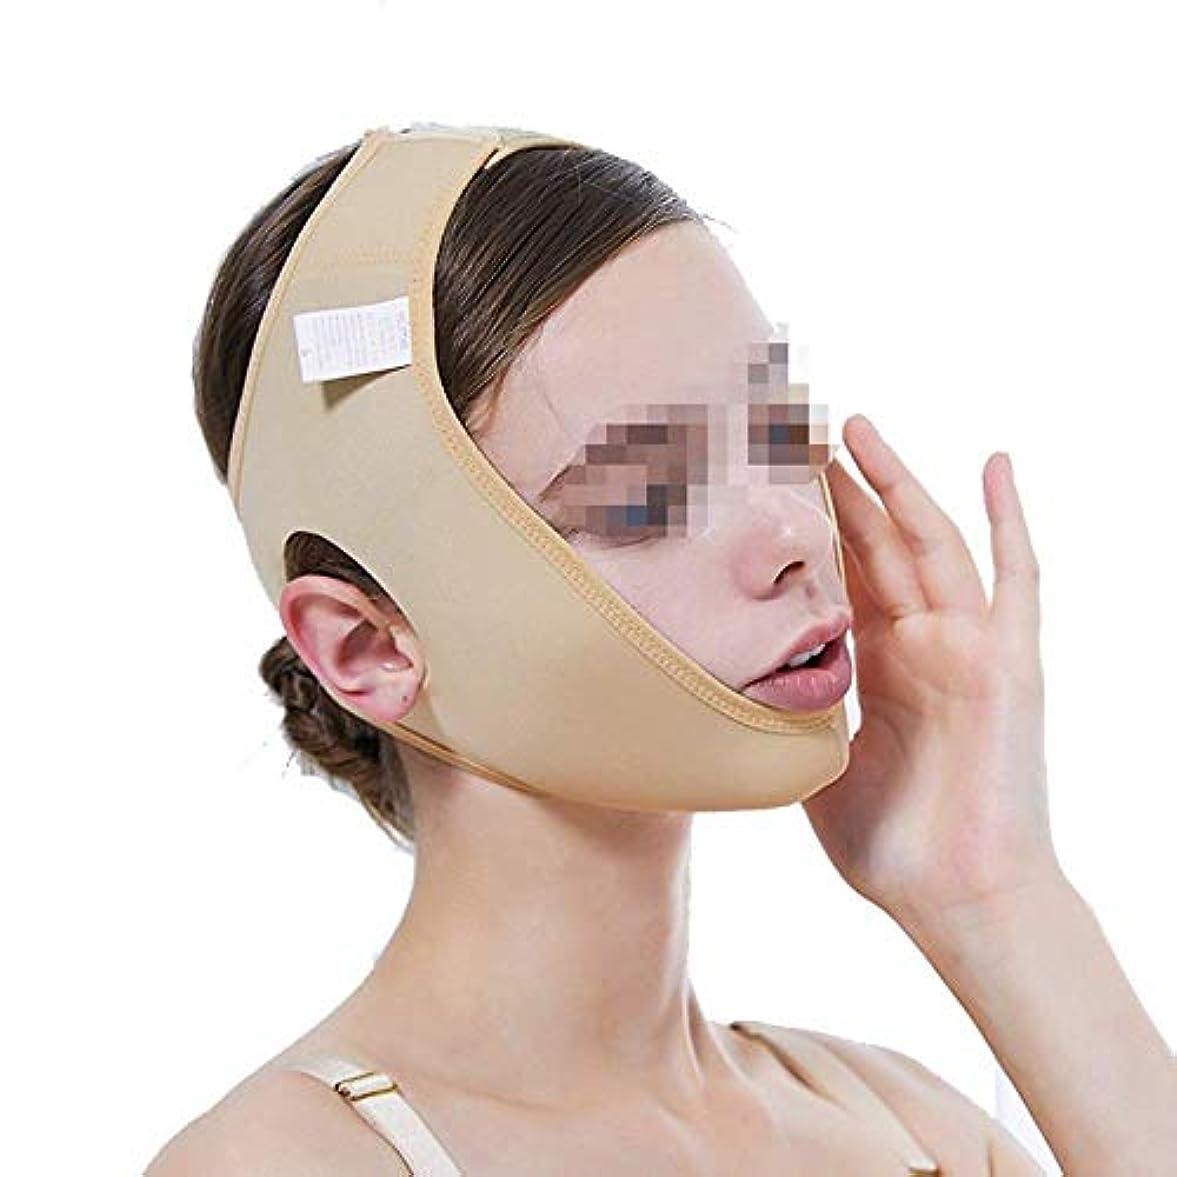 うなずくうなり声黄ばむ術後ヘッドギア、薄型ダブルチンVフェイスビームフェイスジョーセットフェイスマスクマルチサイズオプション(サイズ:L)